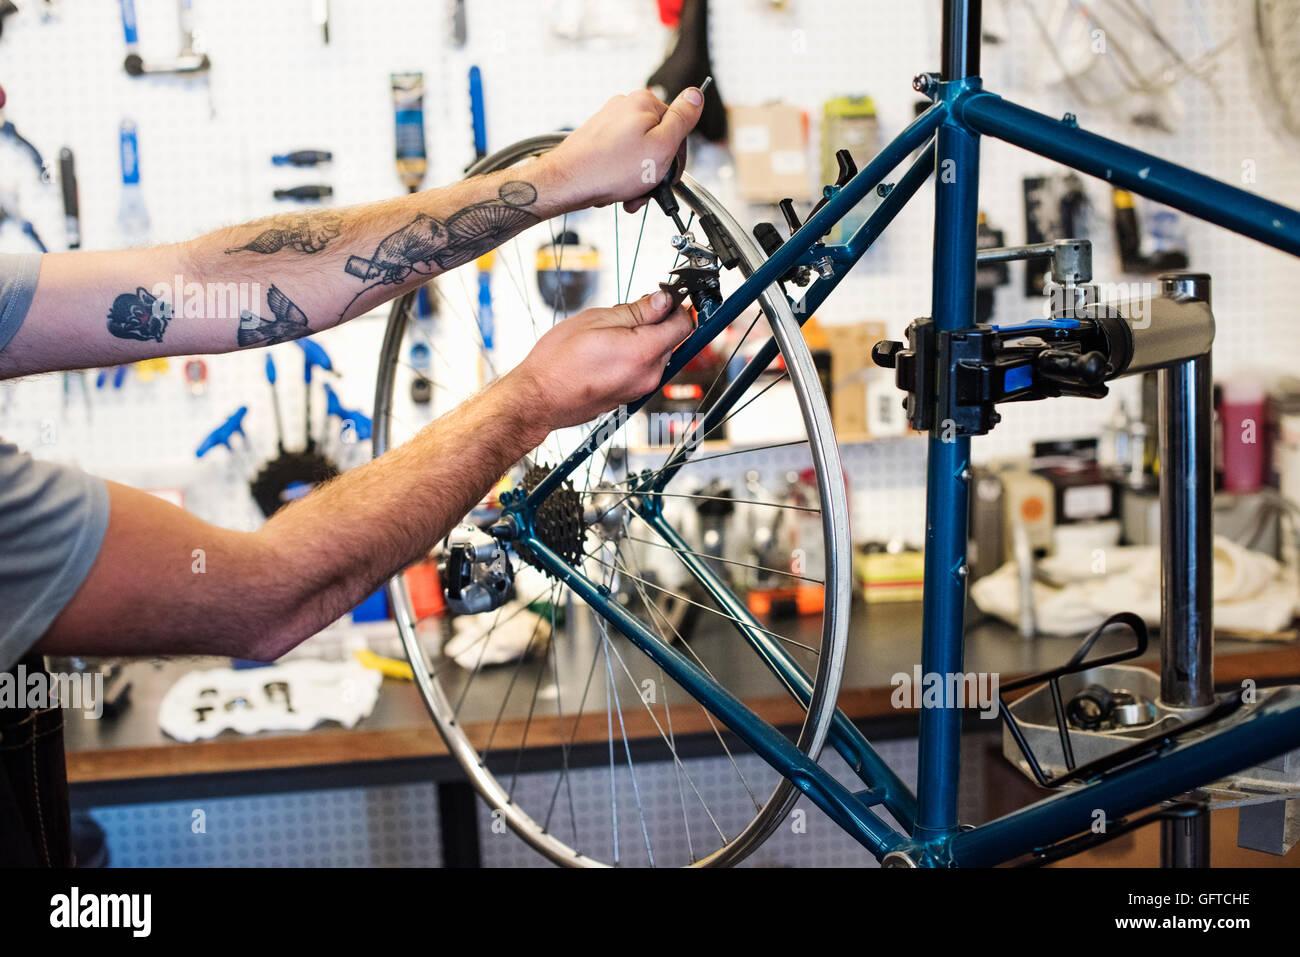 Ein Mann, der arbeitet in einer Fahrradwerkstatt Stockbild